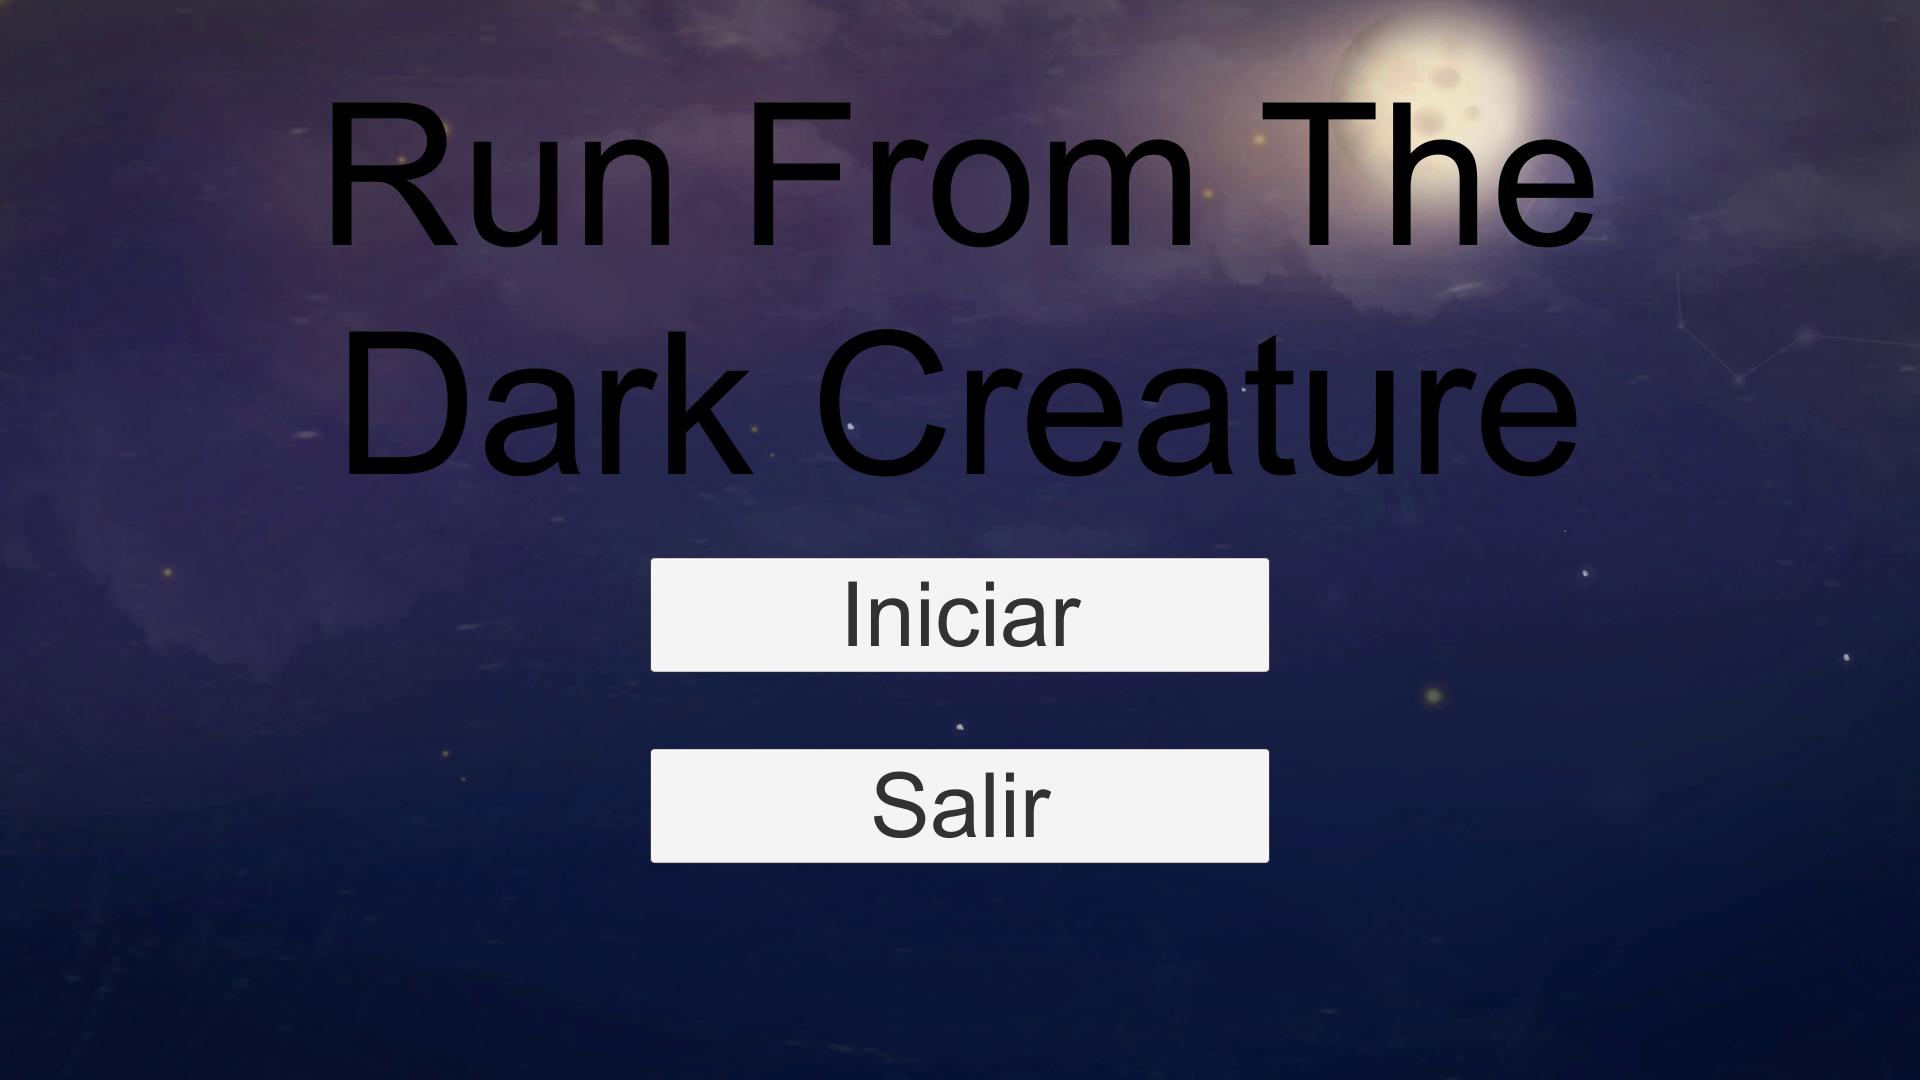 Run From The Dark Creature